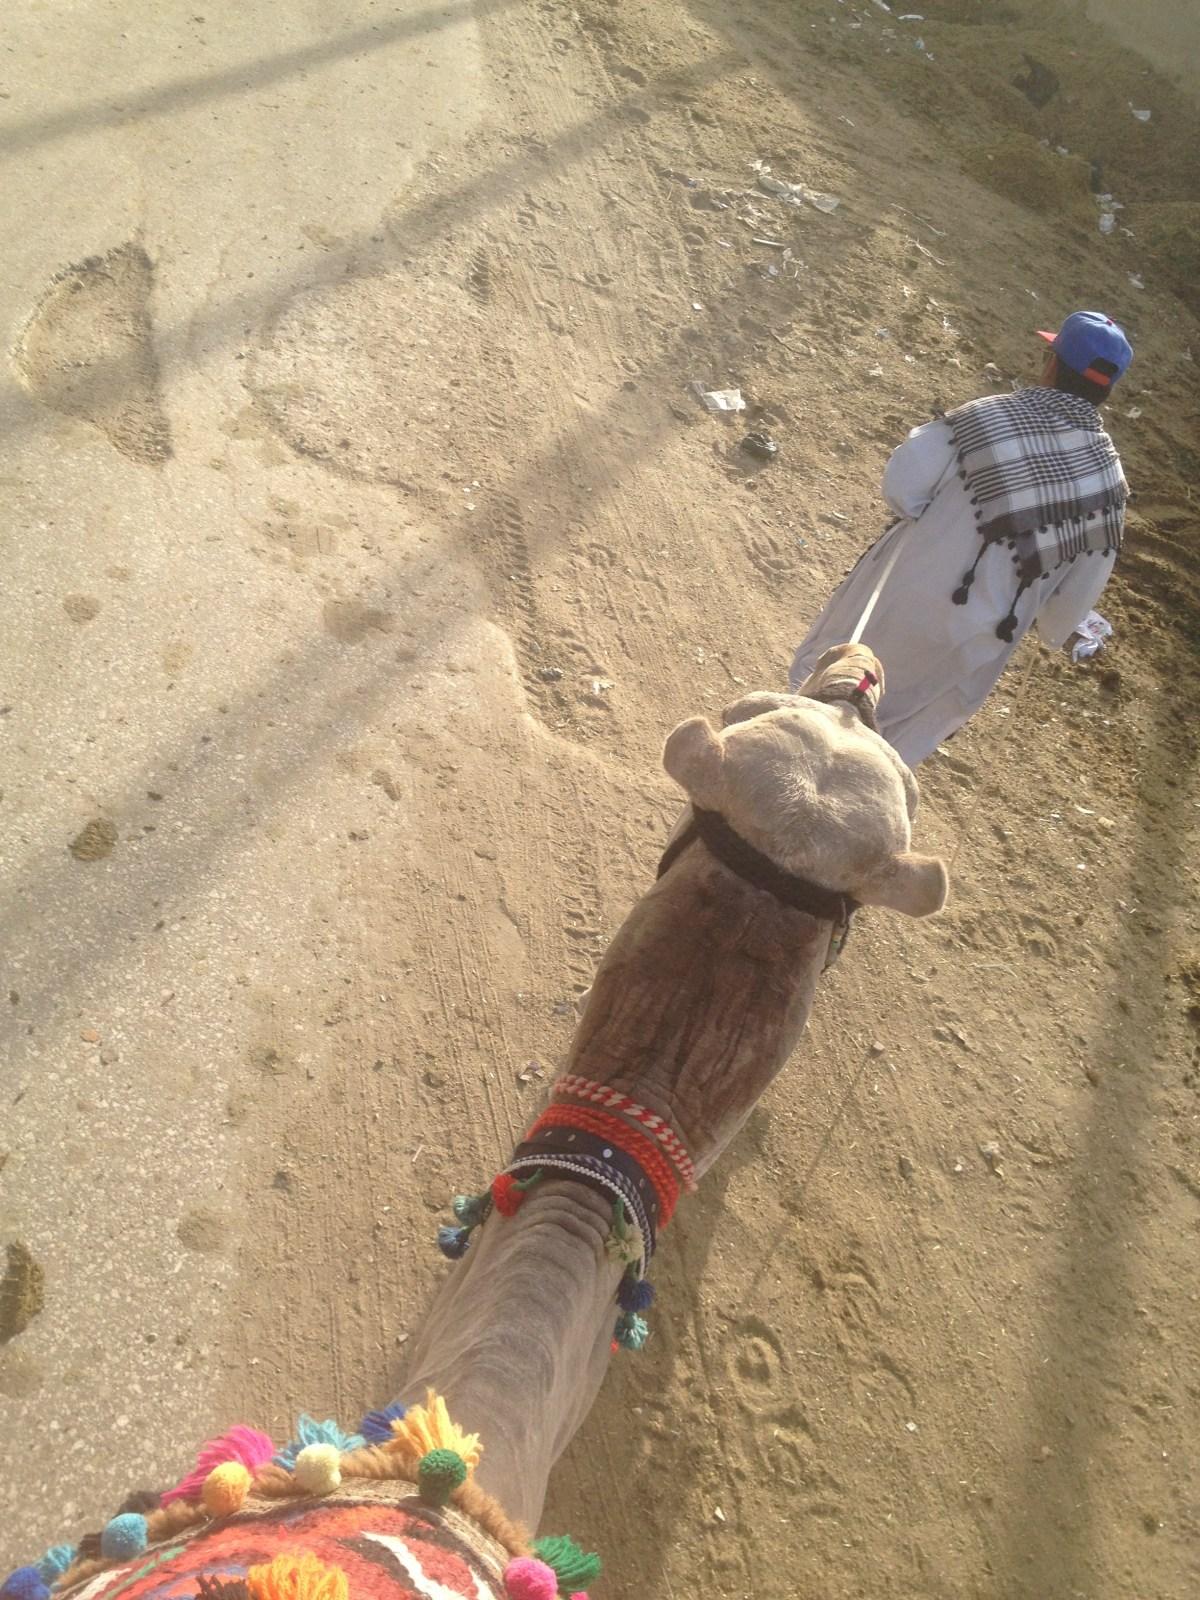 Egypt Tourism: Camel Ride to the Pyramids